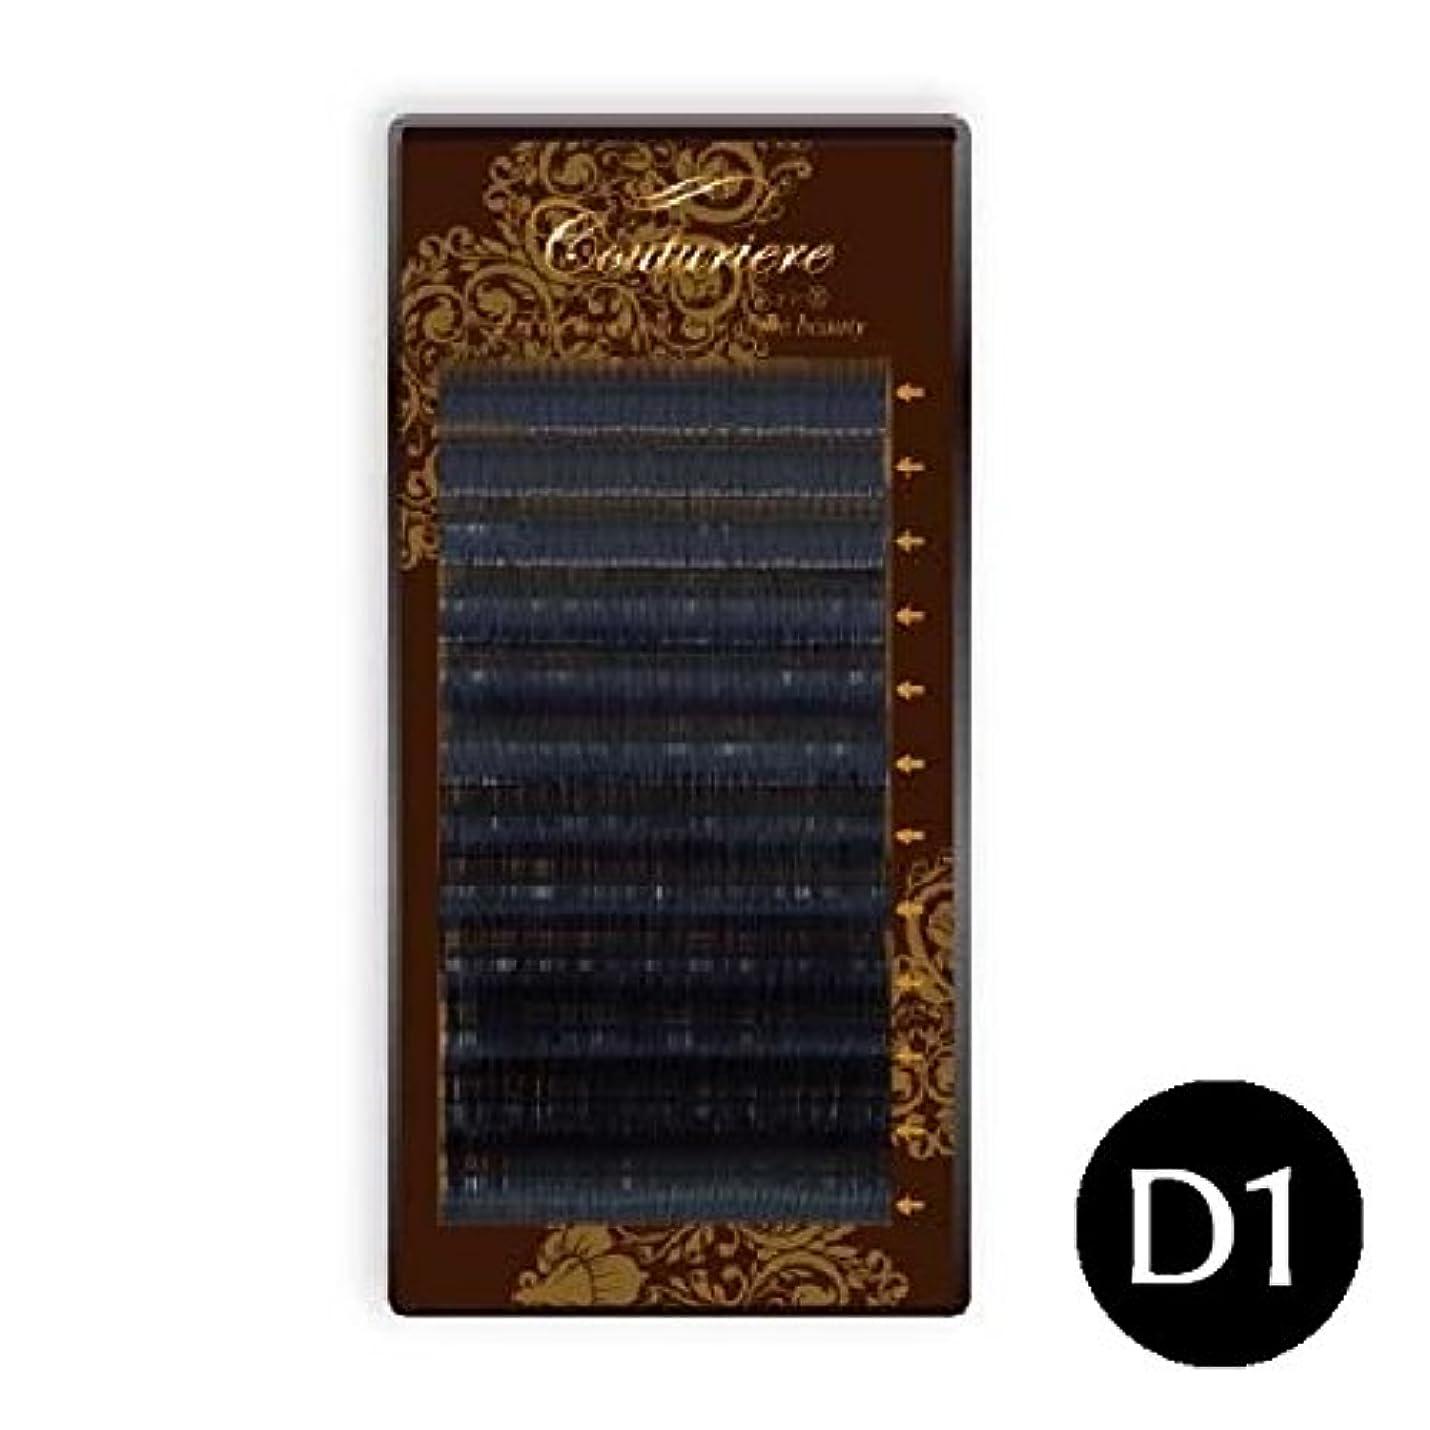 形式トリム実質的にまつげエクステ マツエク クチュリエール D1カール (12列) (0.20mm 8mm)